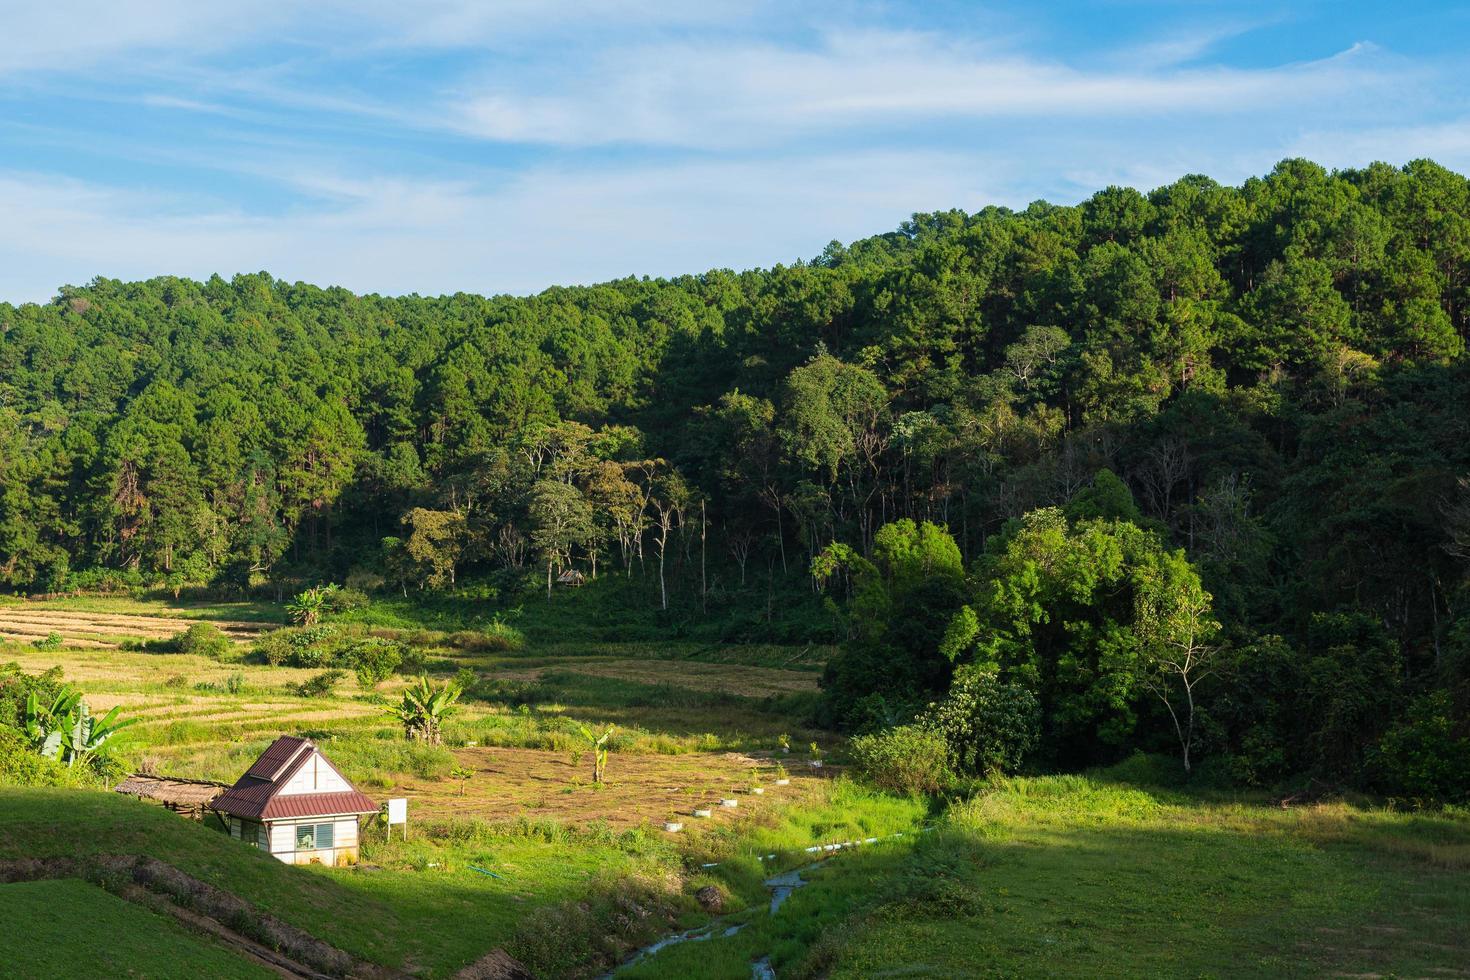 petite maison sur la pelouse en thaïlande photo